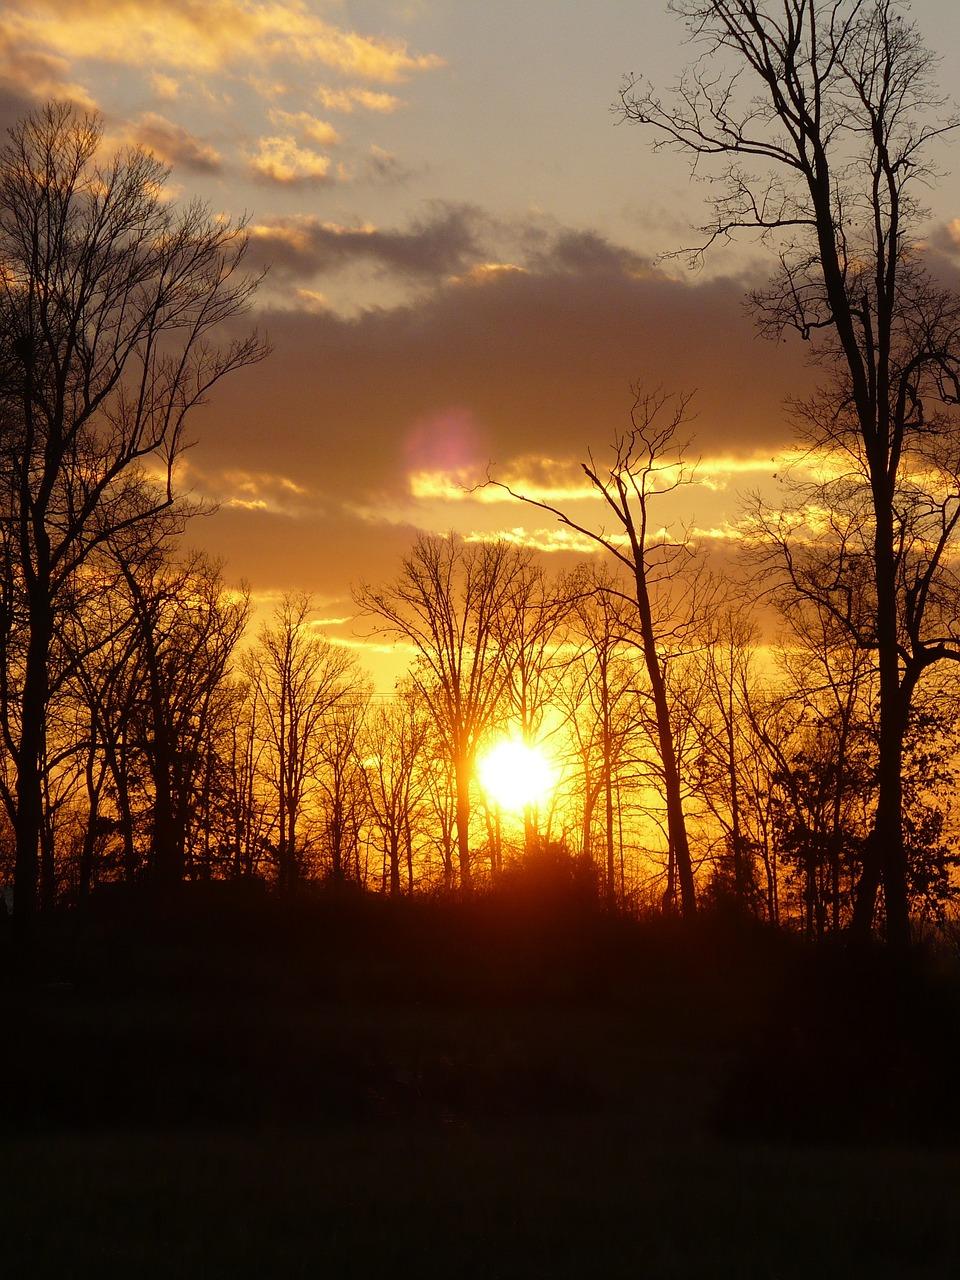 дизайн картинка красивого заката в лесу этот негласно